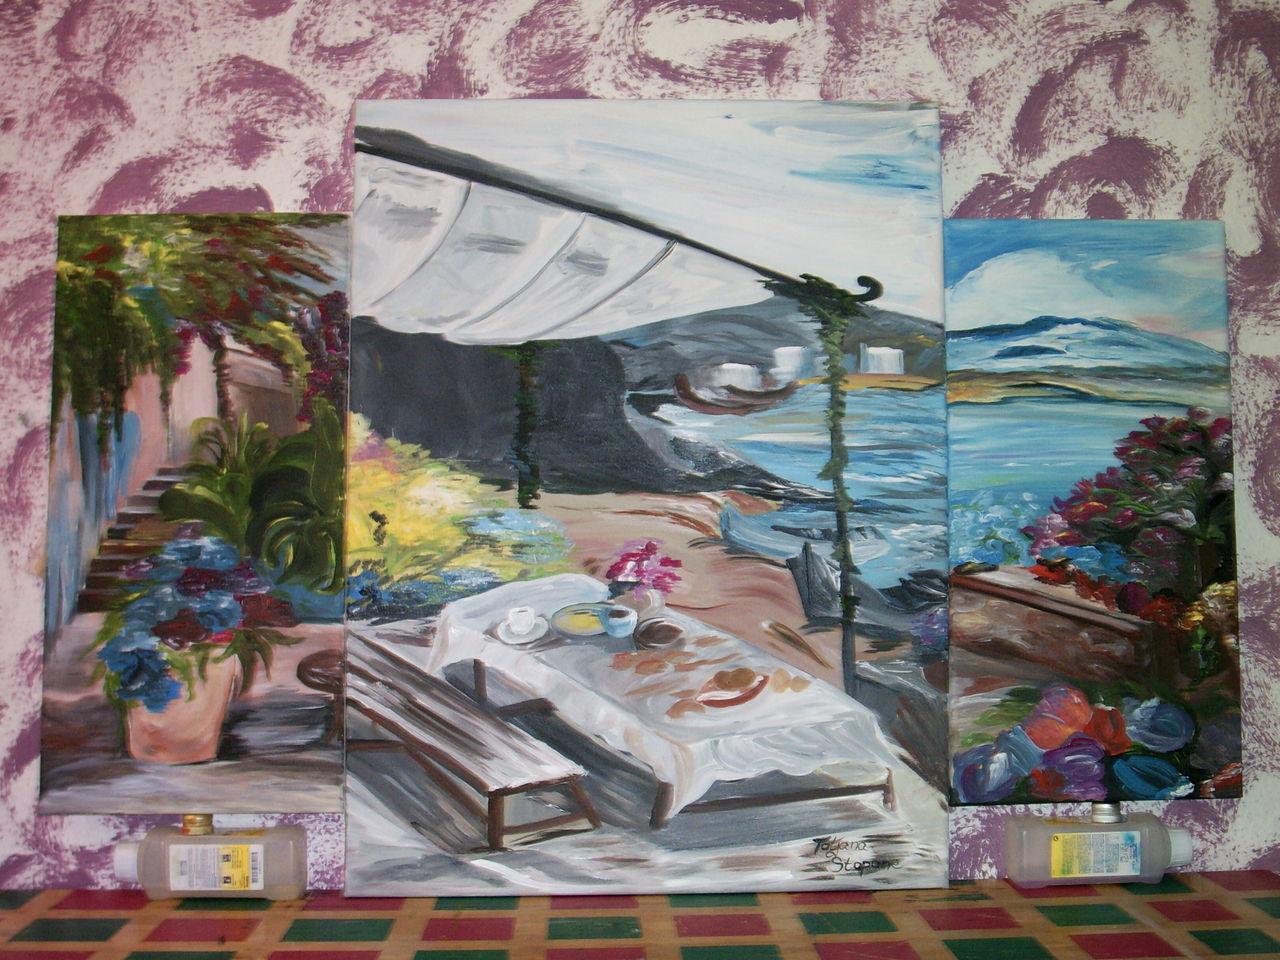 fr hst ck am meer image by tanja7584 on kunstnet. Black Bedroom Furniture Sets. Home Design Ideas